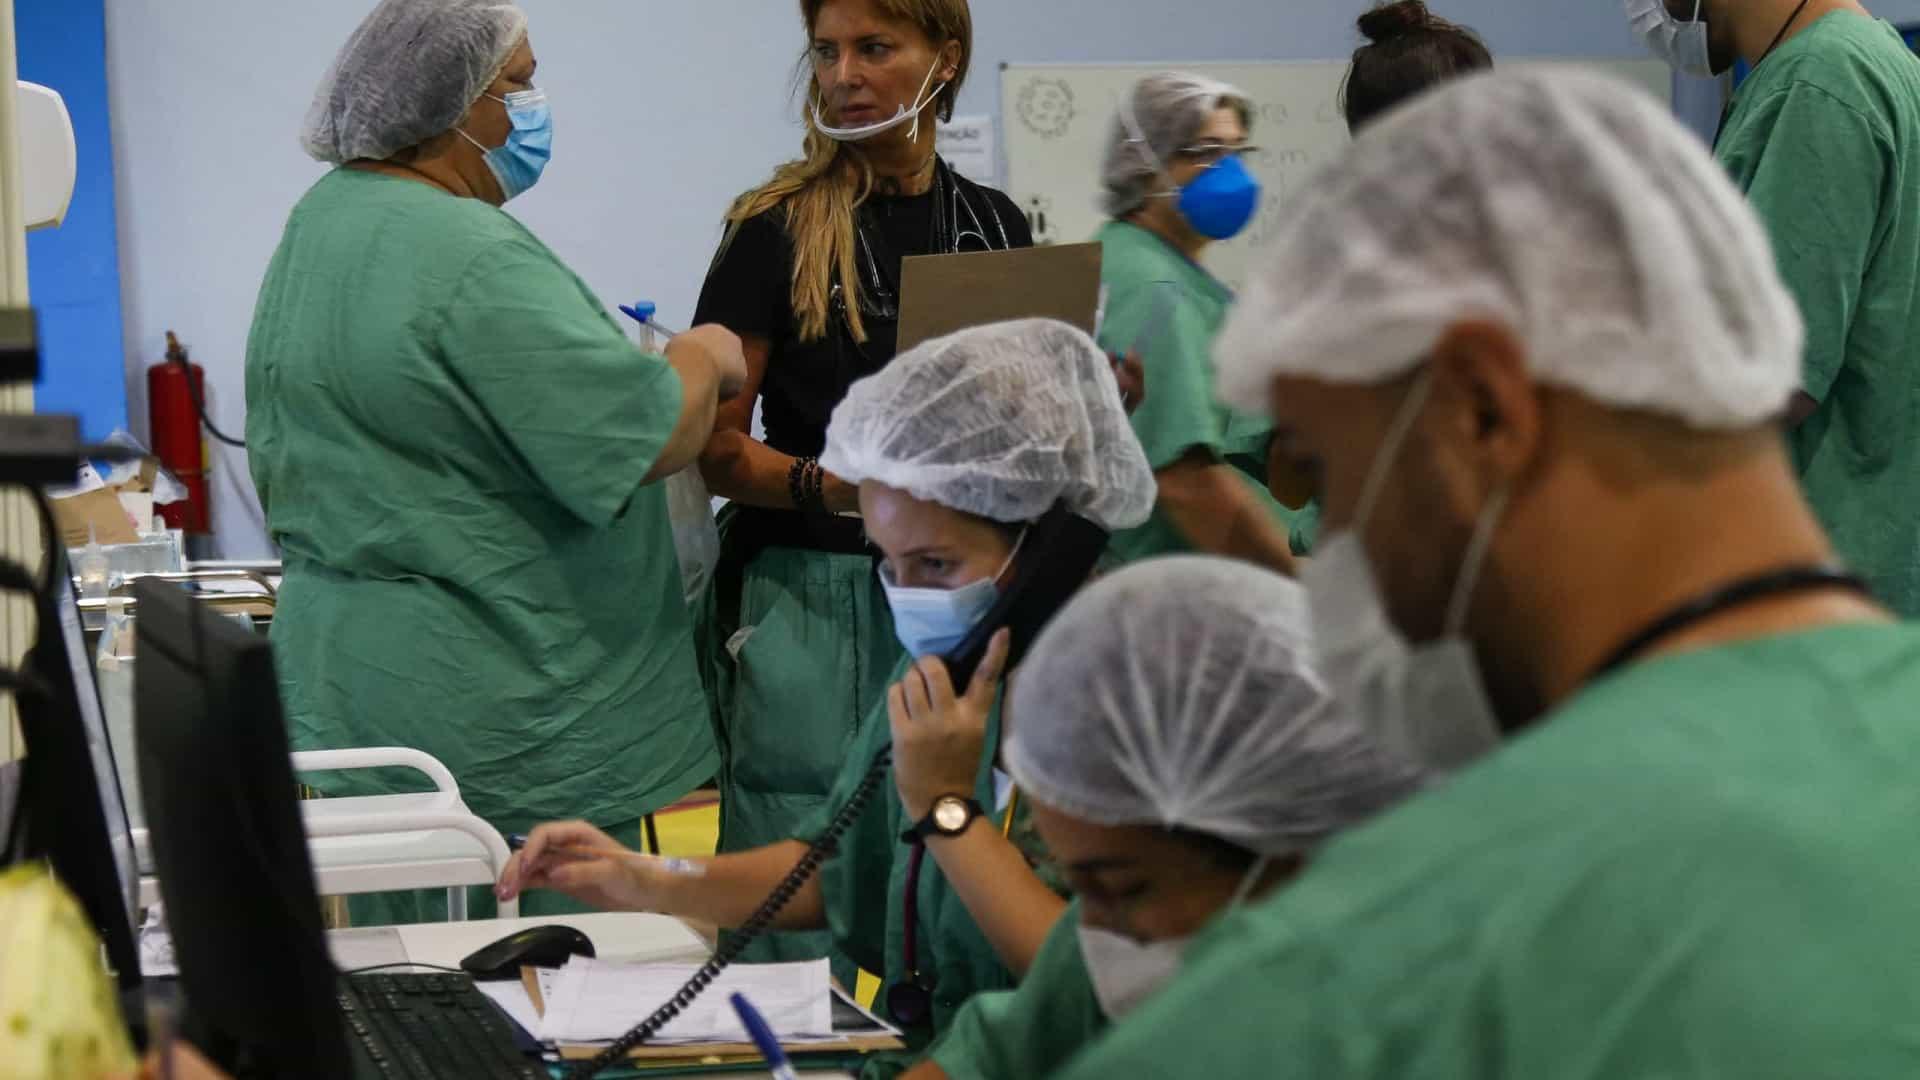 naom 6074118e3637e - Número de casos de Covid se estabiliza no Brasil, mas segue entre maiores do mundo